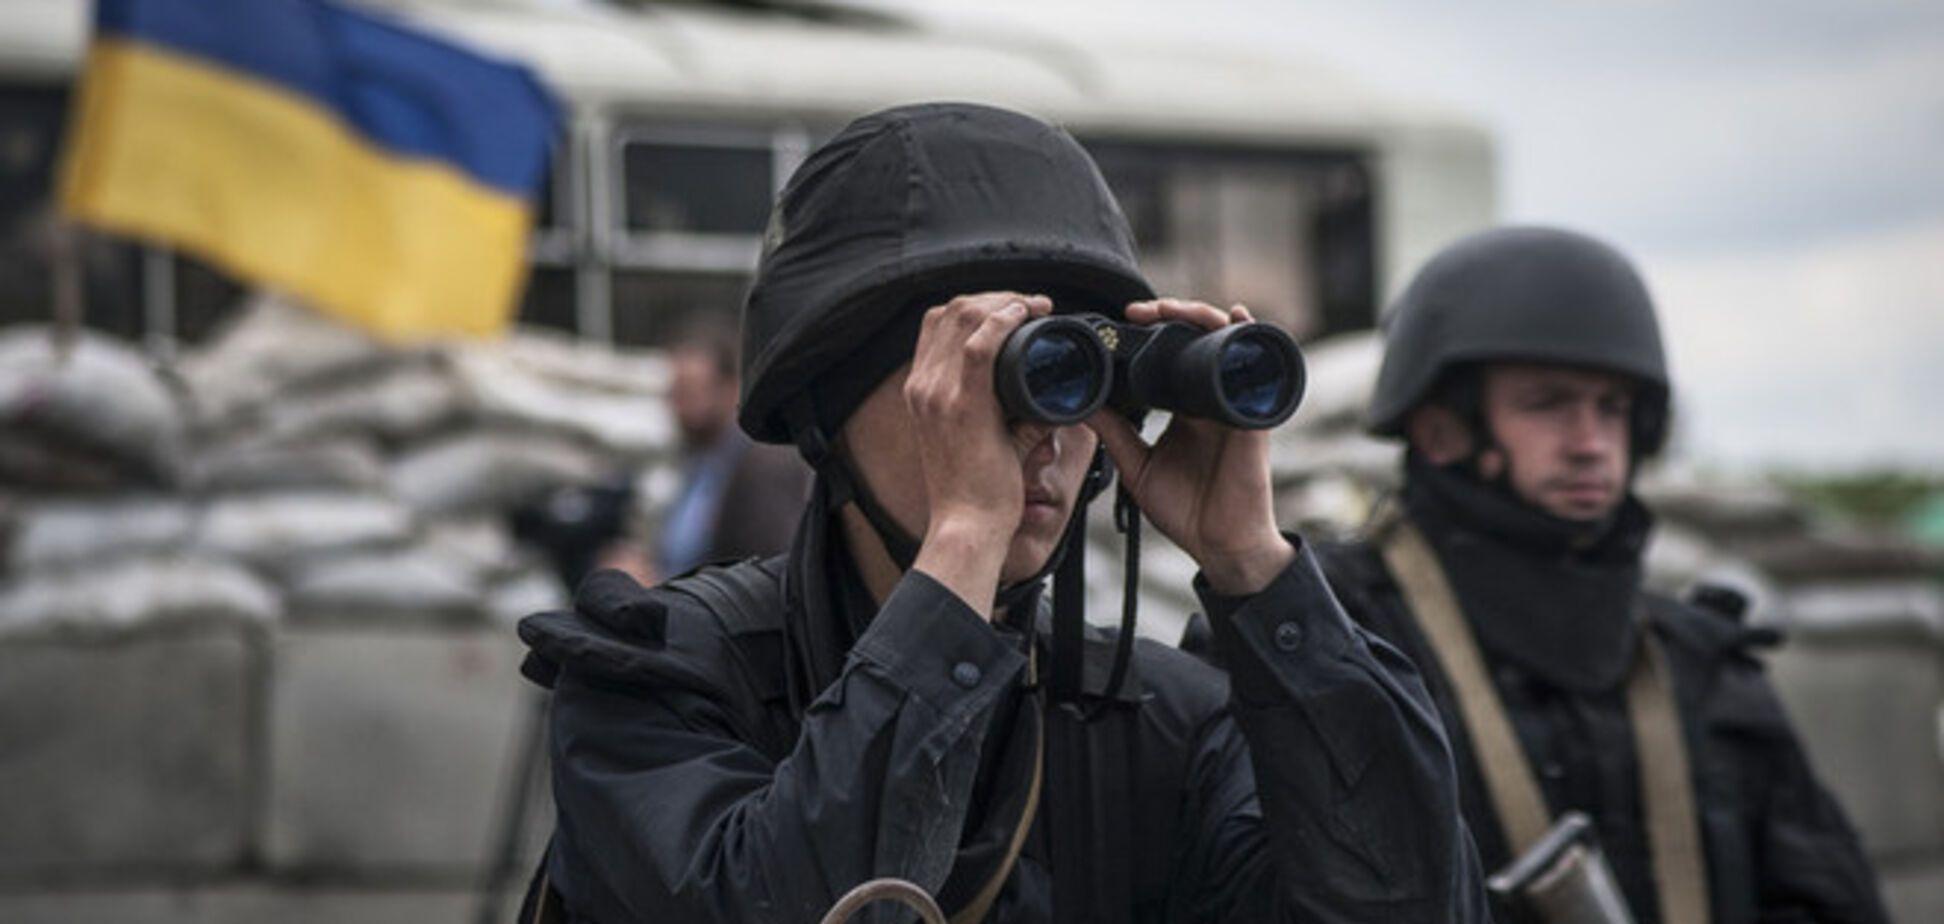 Селезнев: силы АТО продолжают сжимать кольцо вокруг террористов